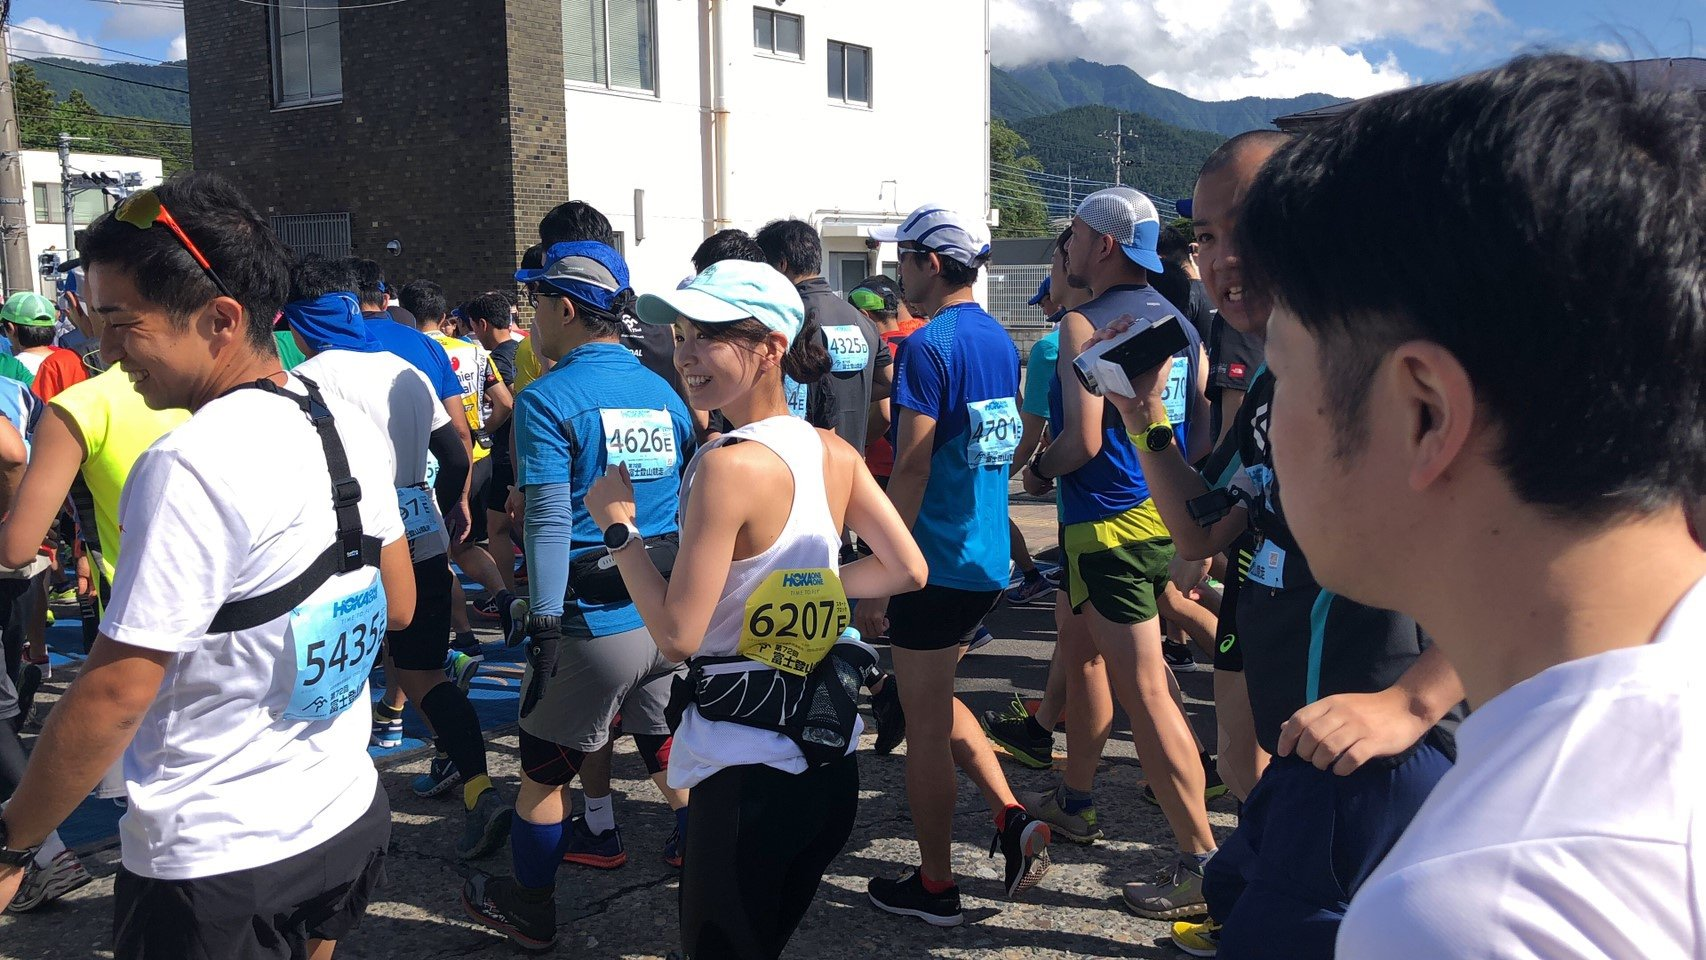 ほのかが、超過酷レース「富士登山競走」に女性タレント初のアンバサダーとして挑戦!【写真4枚】の画像001